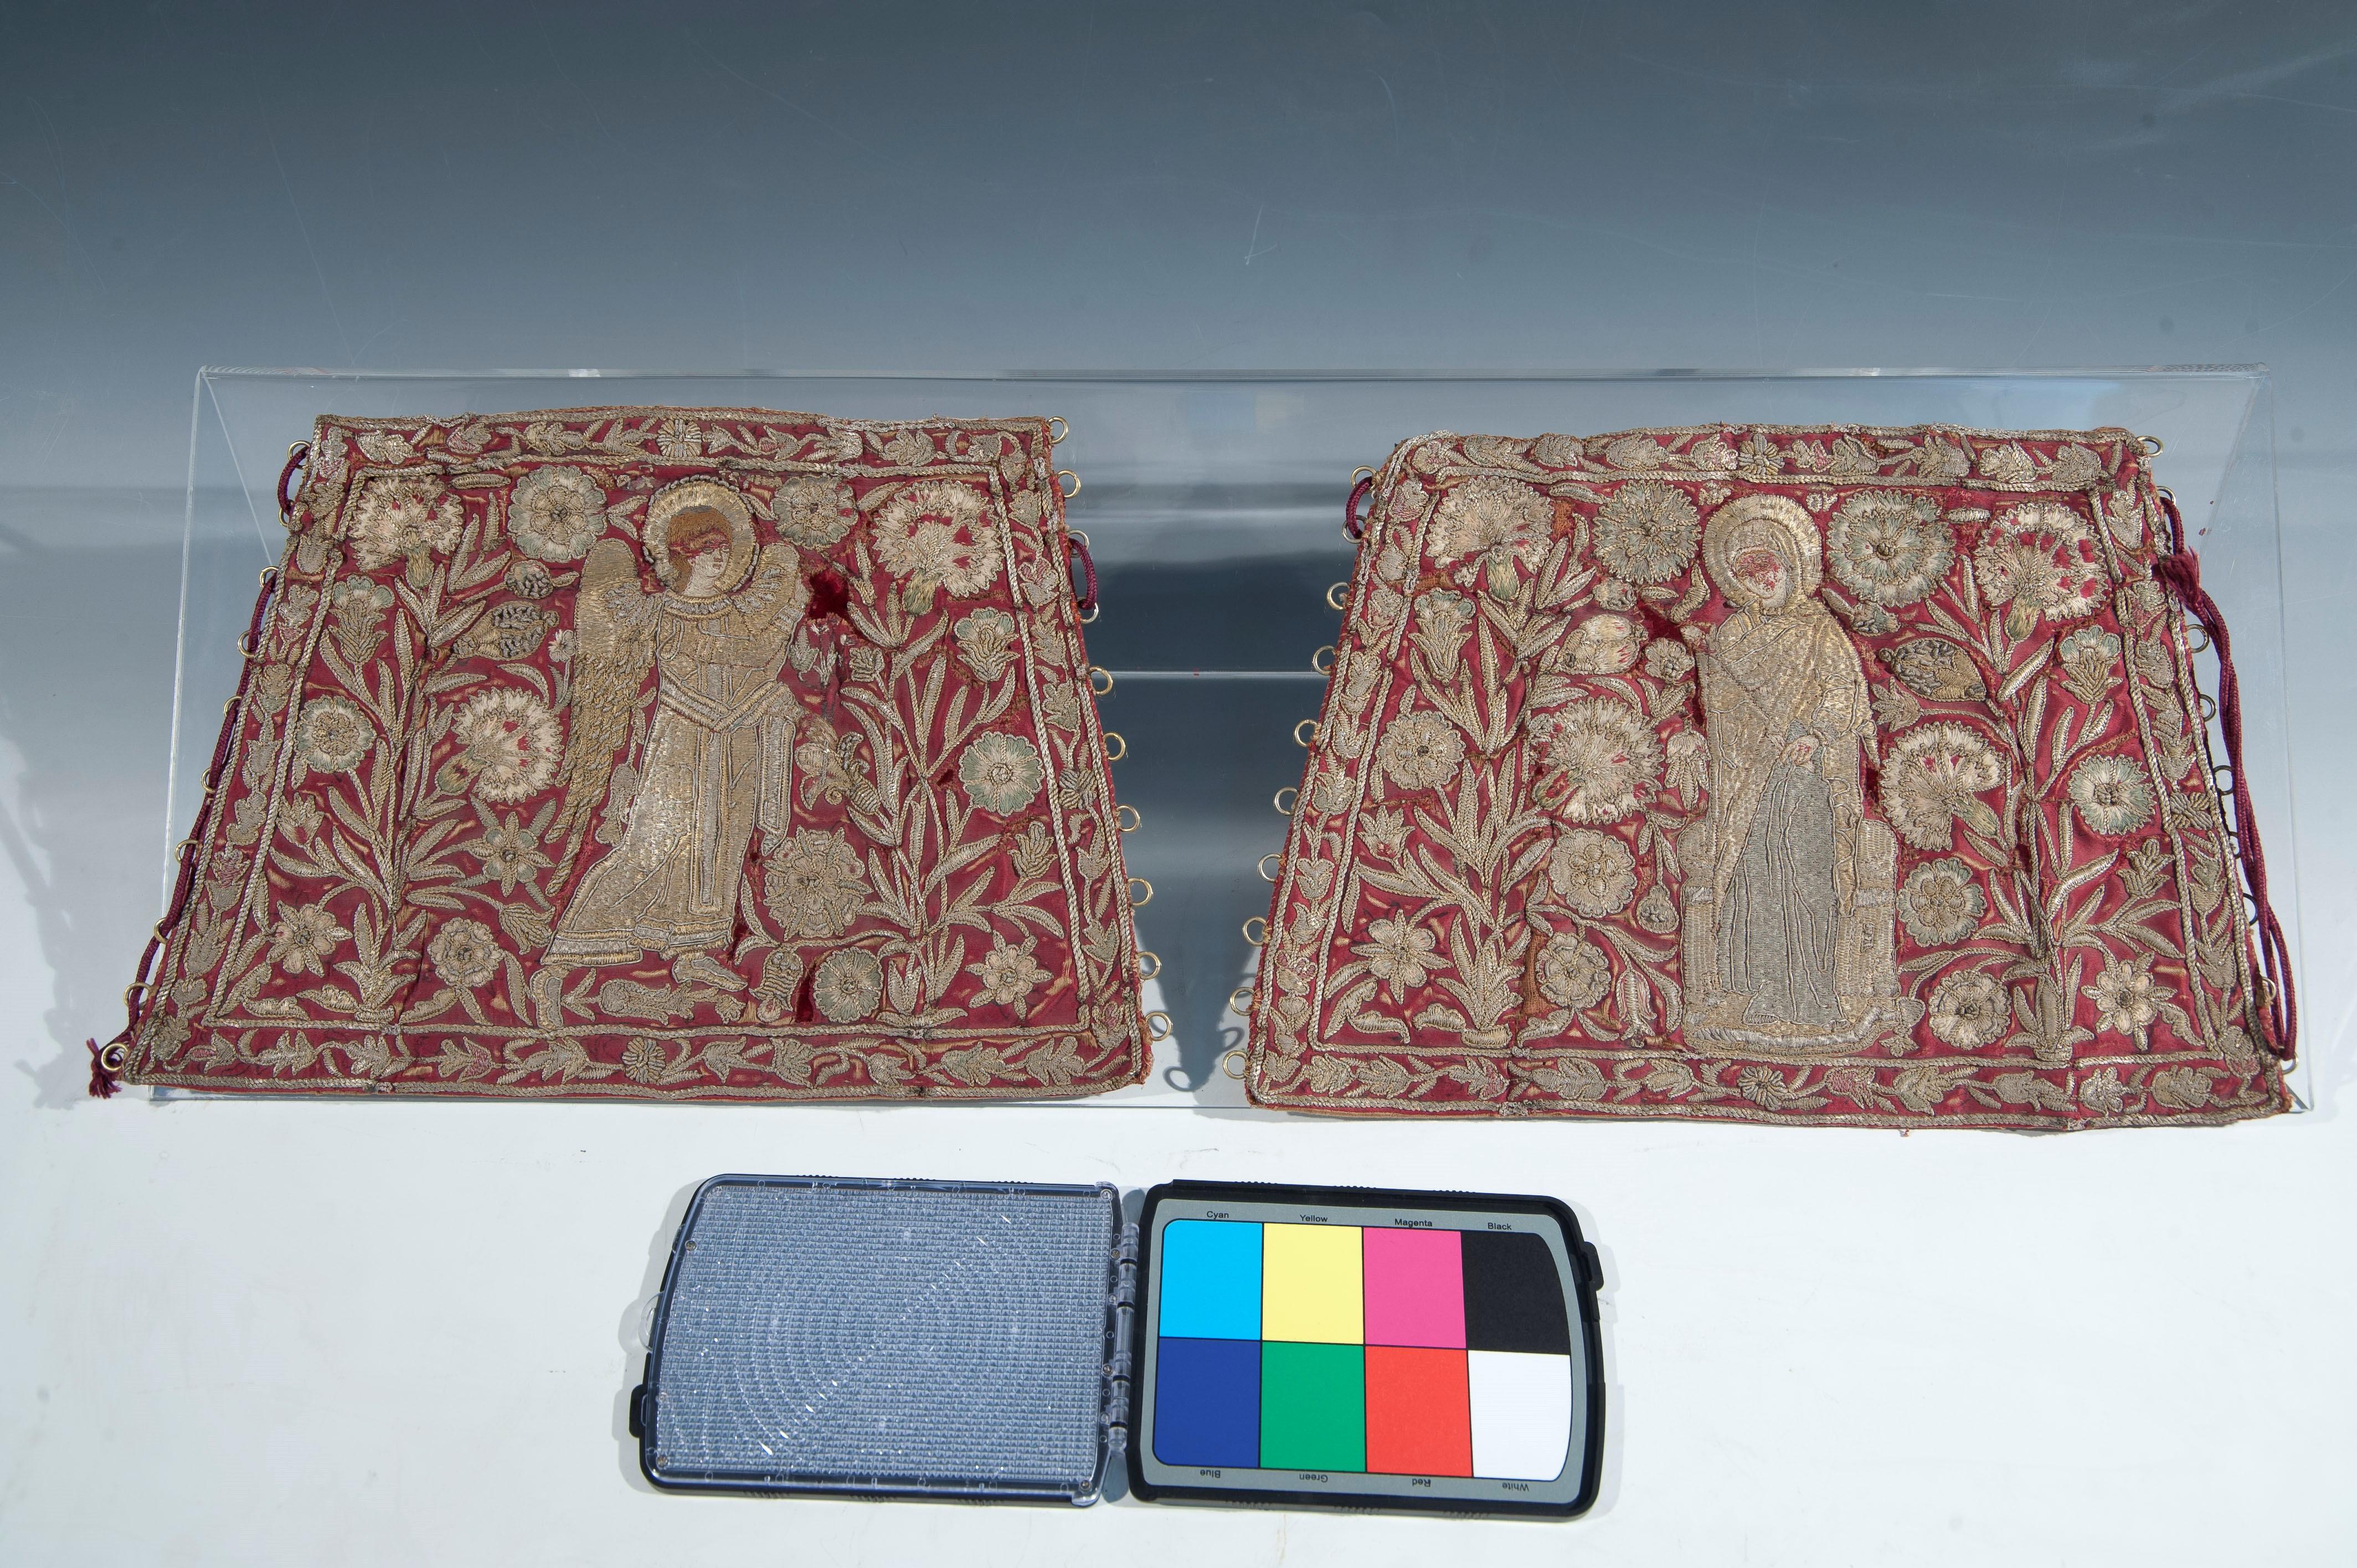 Mânecuţe - Muzeul Naţional de Artă al României - BUCUREŞTI (Patrimoniul Cultural National Mobil din Romania. Ordin de clasare: 2029/26.01.2015 - Tezaur)